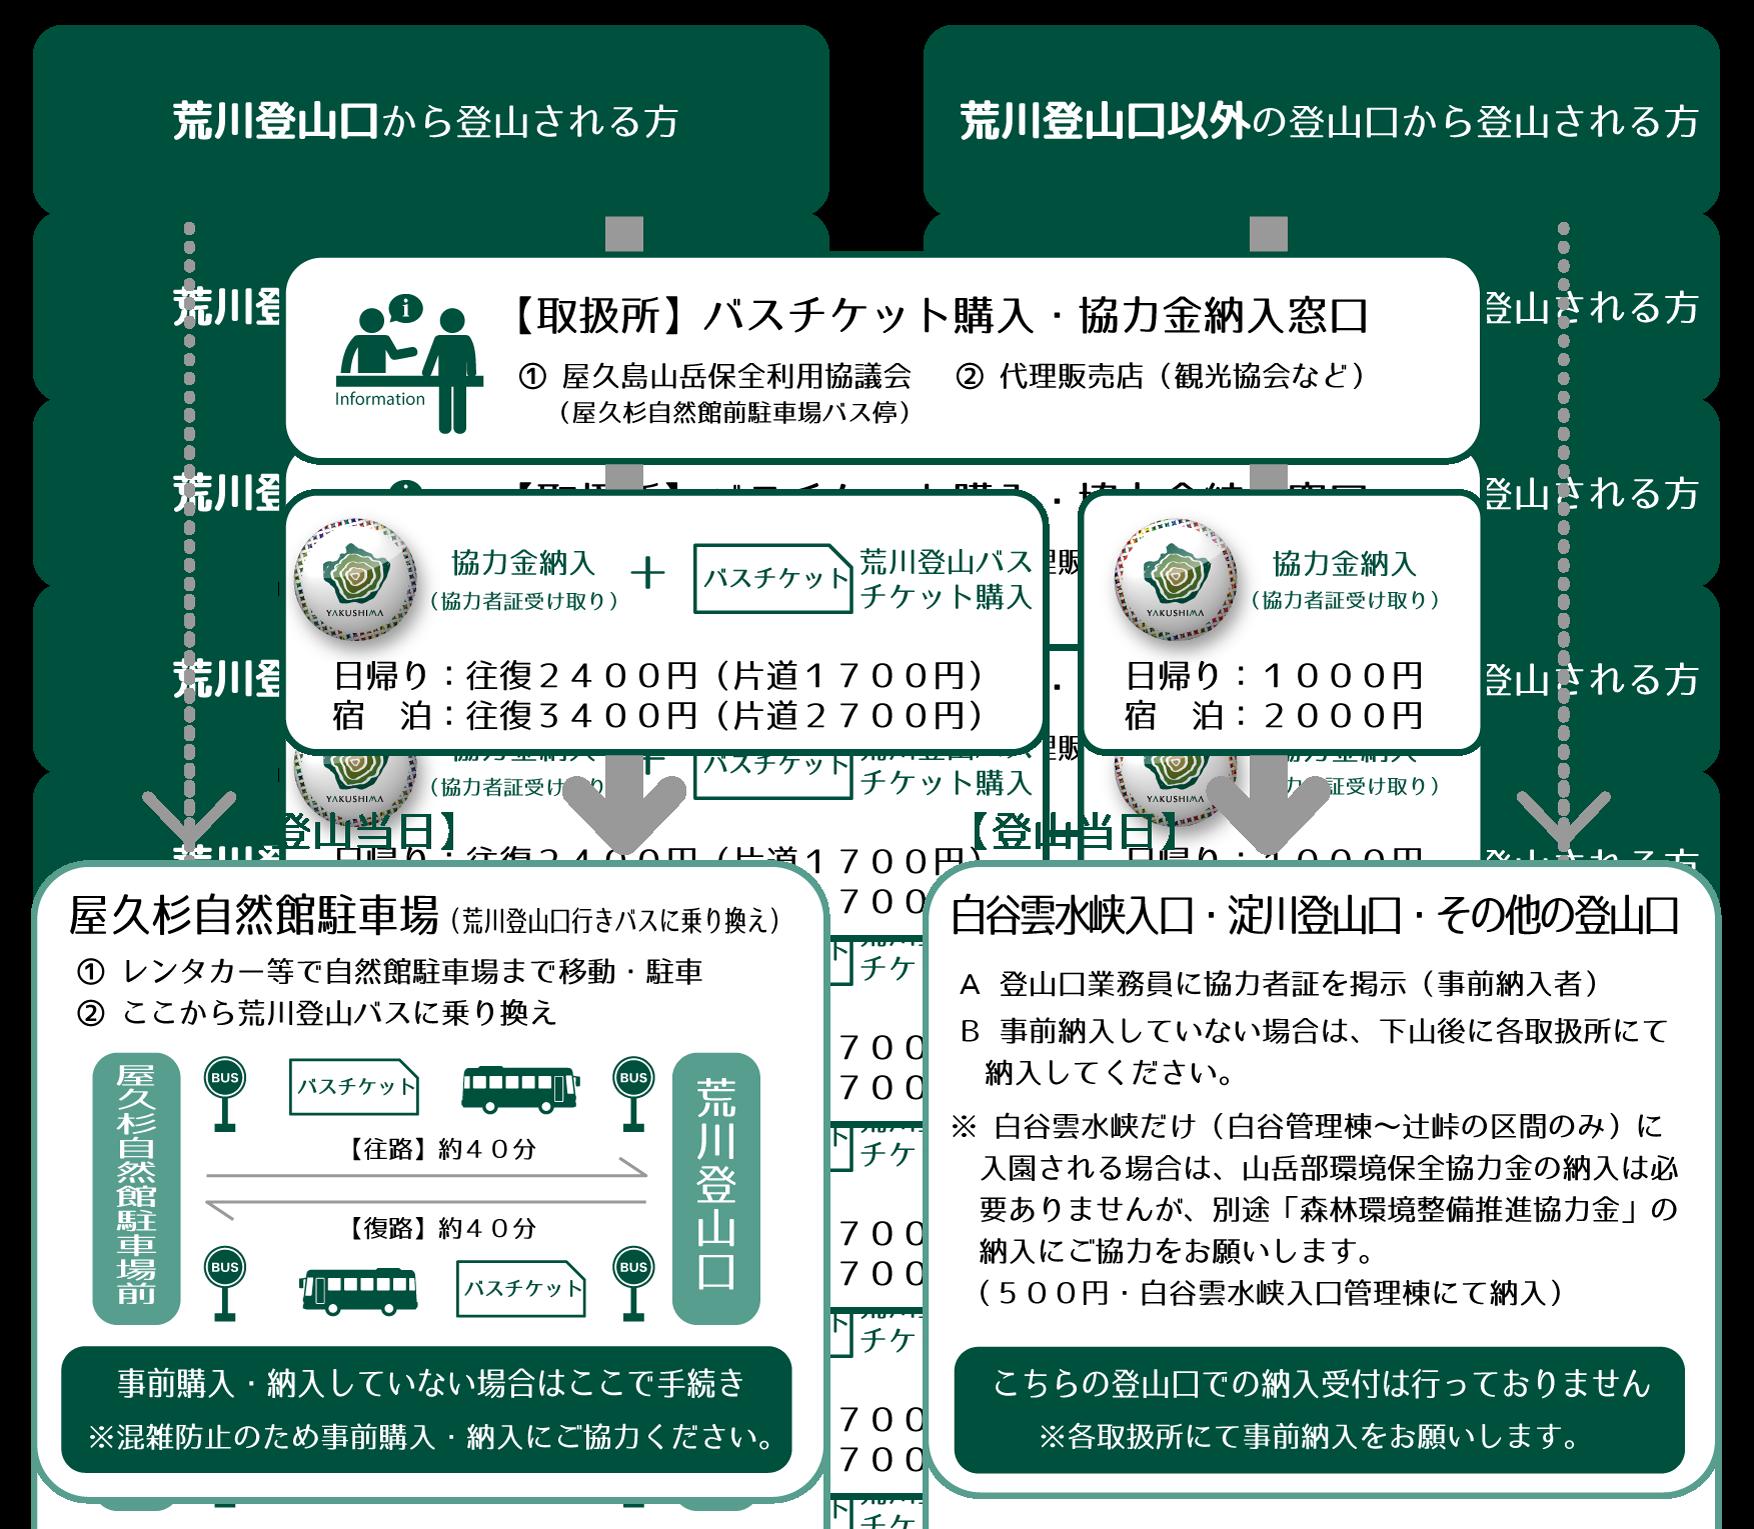 屋久島山岳部環境保全協力金納入の流れ